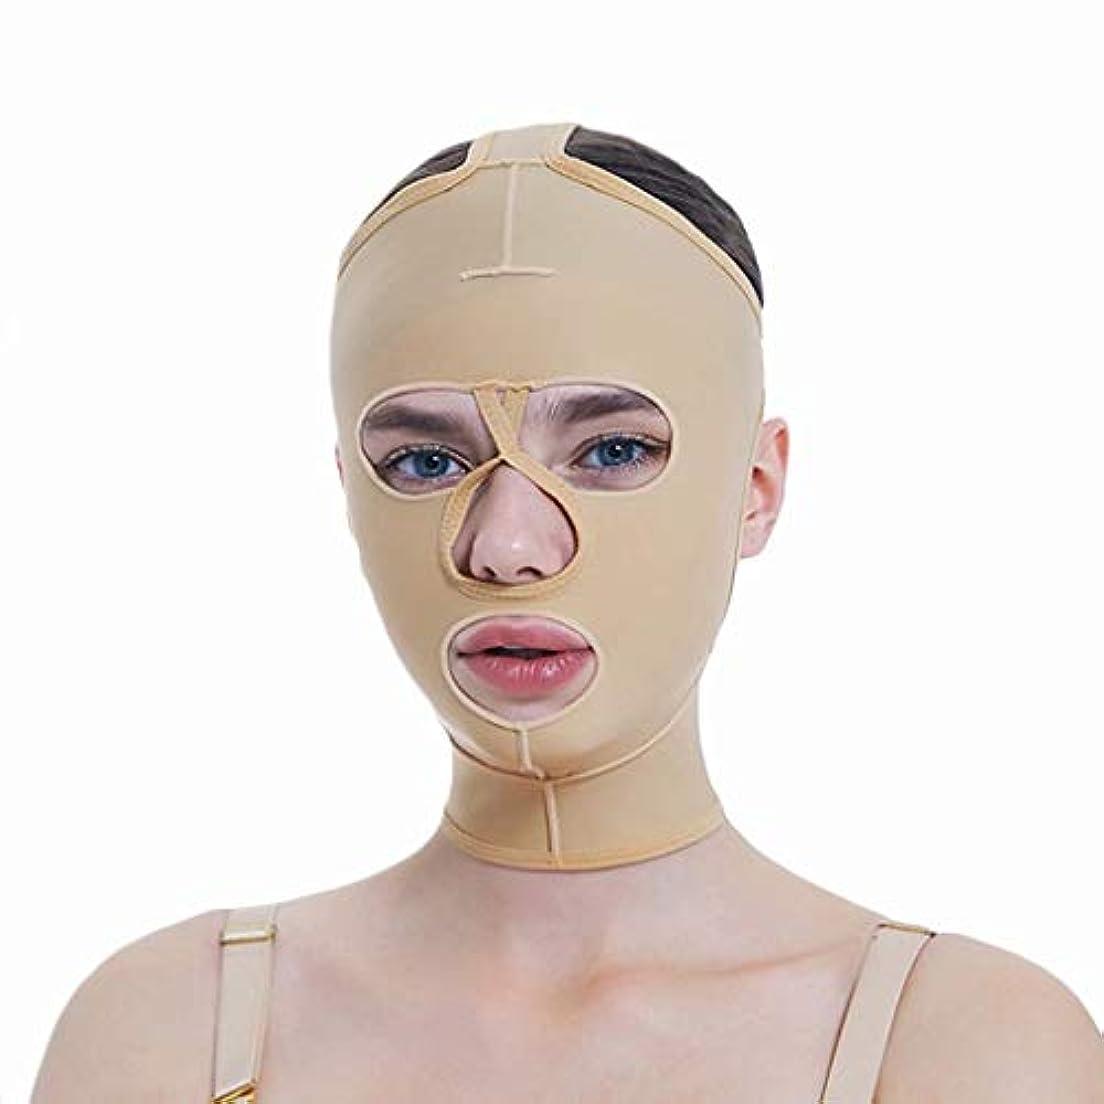 フェイシャル減量マスク、フルカバレッジ包帯、フルフェイスリフティングマスク、フェイスマスク、快適で リフティングシェーピング(サイズ:S),XL